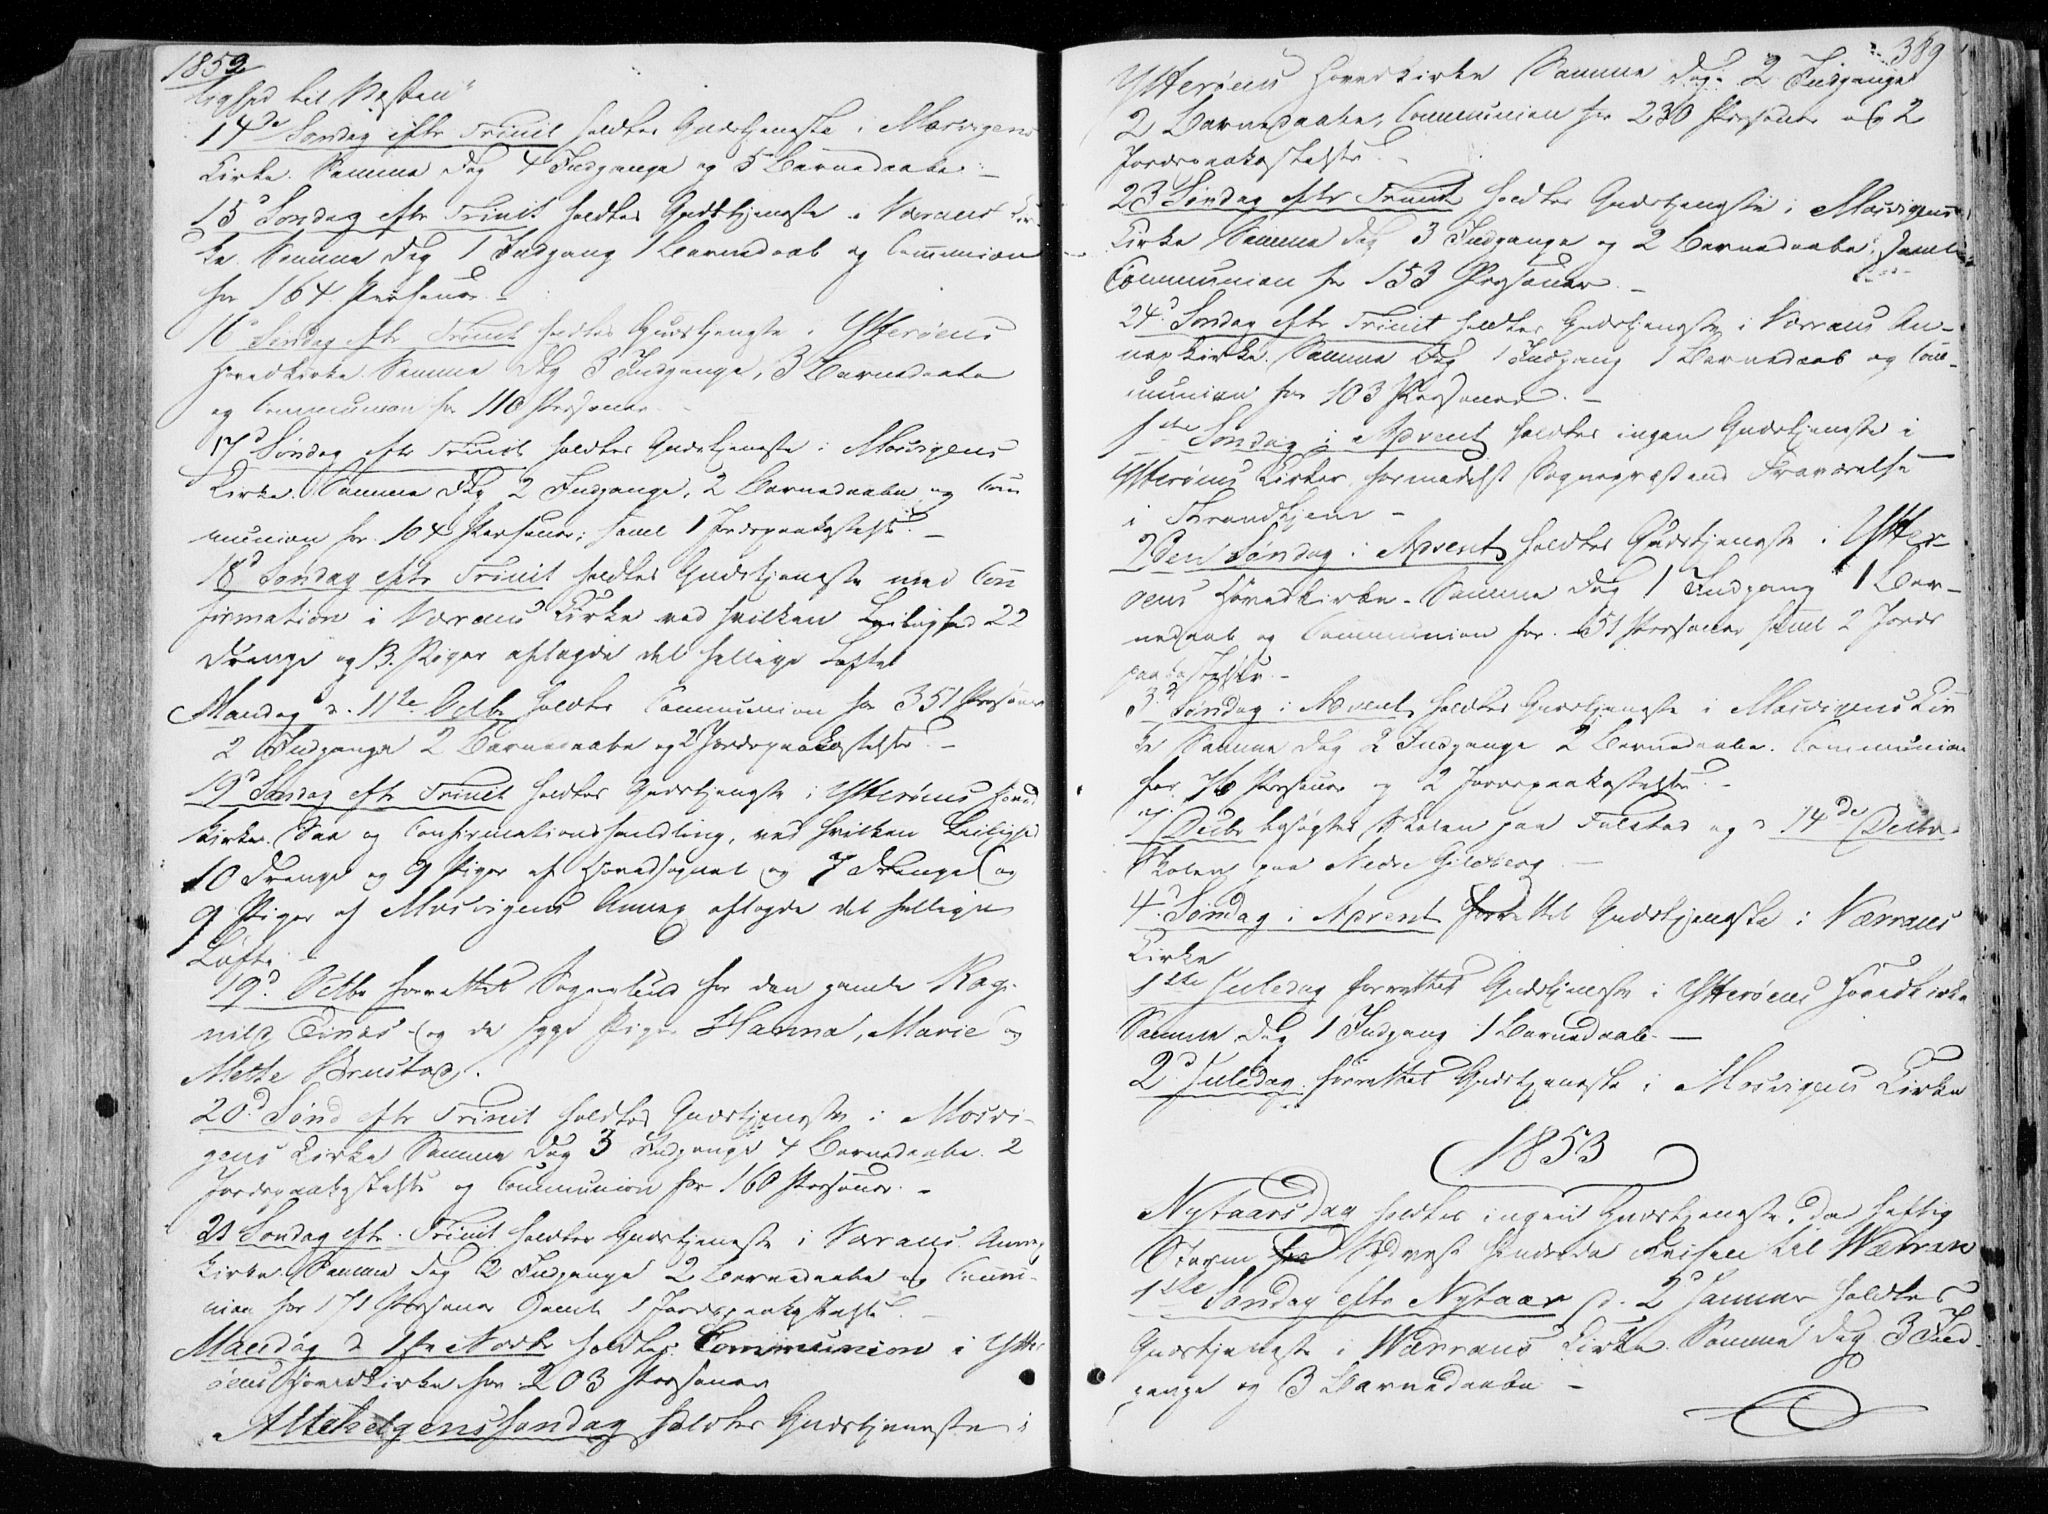 SAT, Ministerialprotokoller, klokkerbøker og fødselsregistre - Nord-Trøndelag, 722/L0218: Ministerialbok nr. 722A05, 1843-1868, s. 389